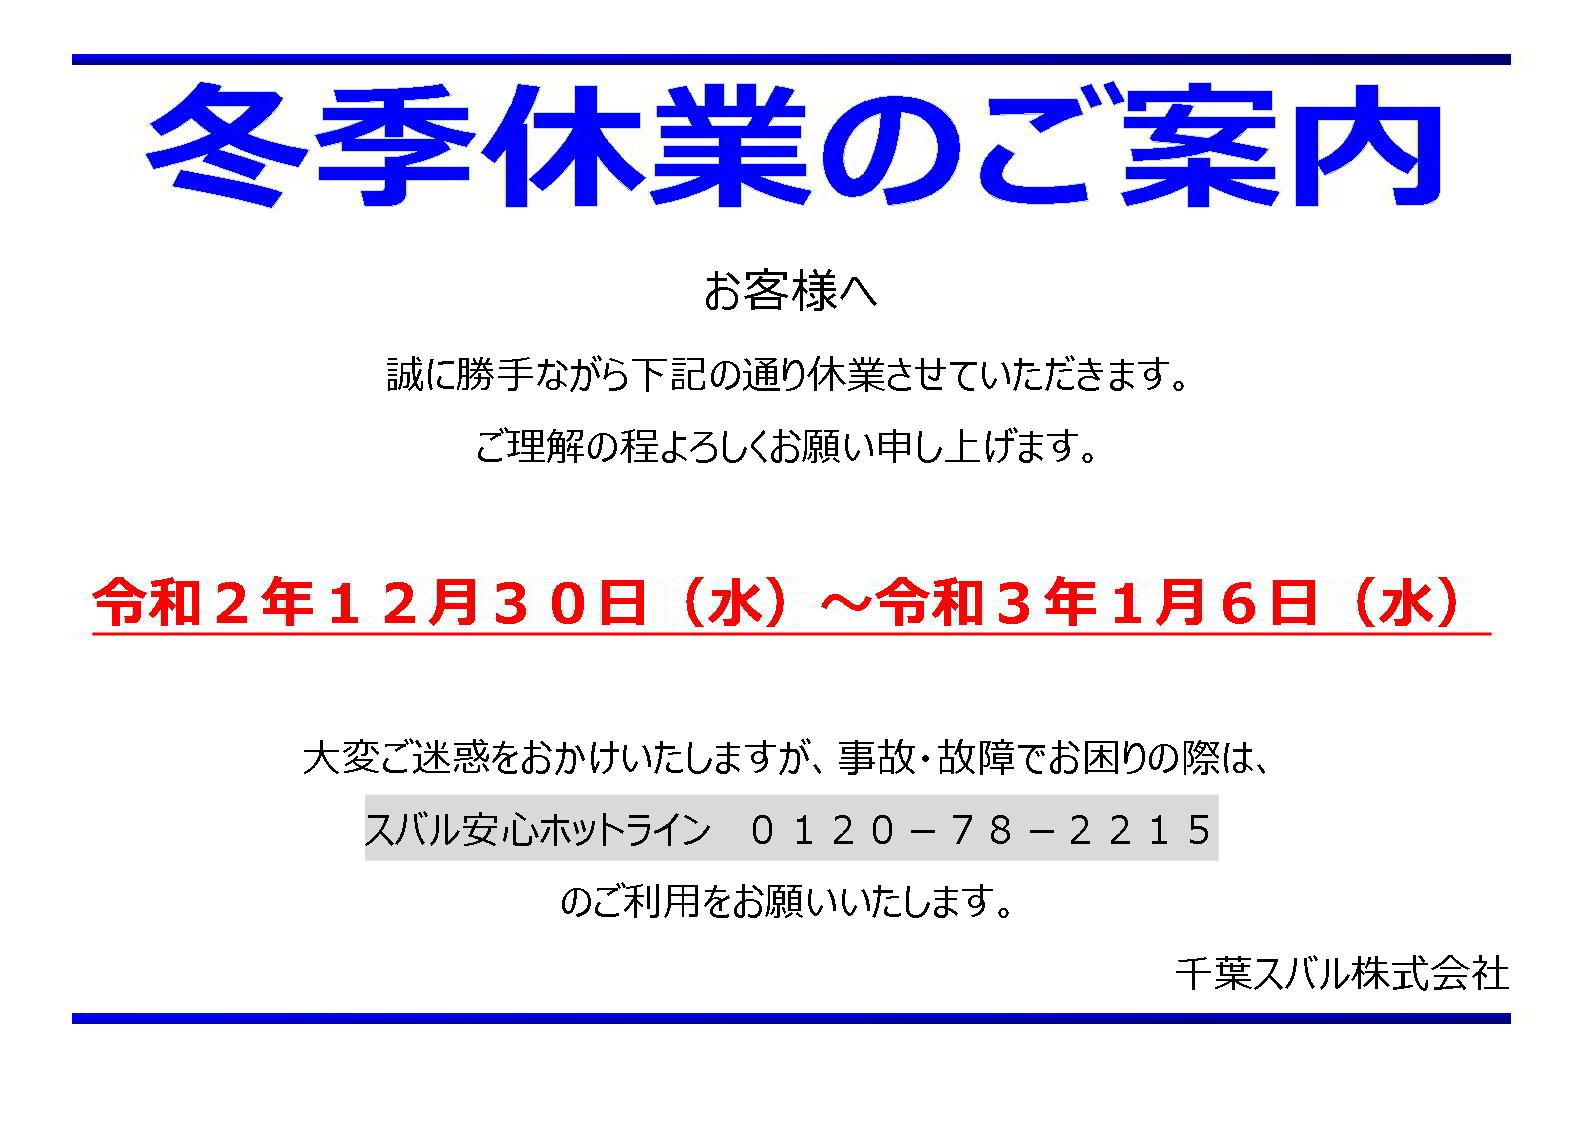 冬季休業案内ポスター202012